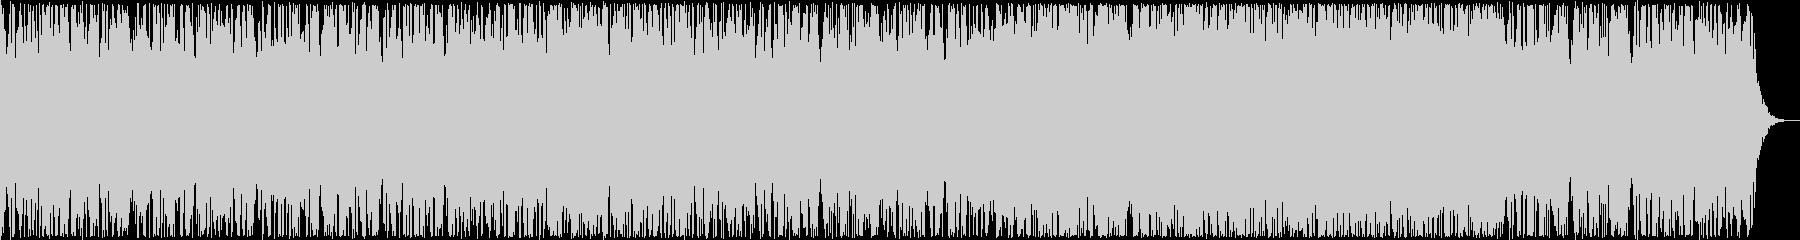 ゆったりとしたシンセピアノサウンドの未再生の波形